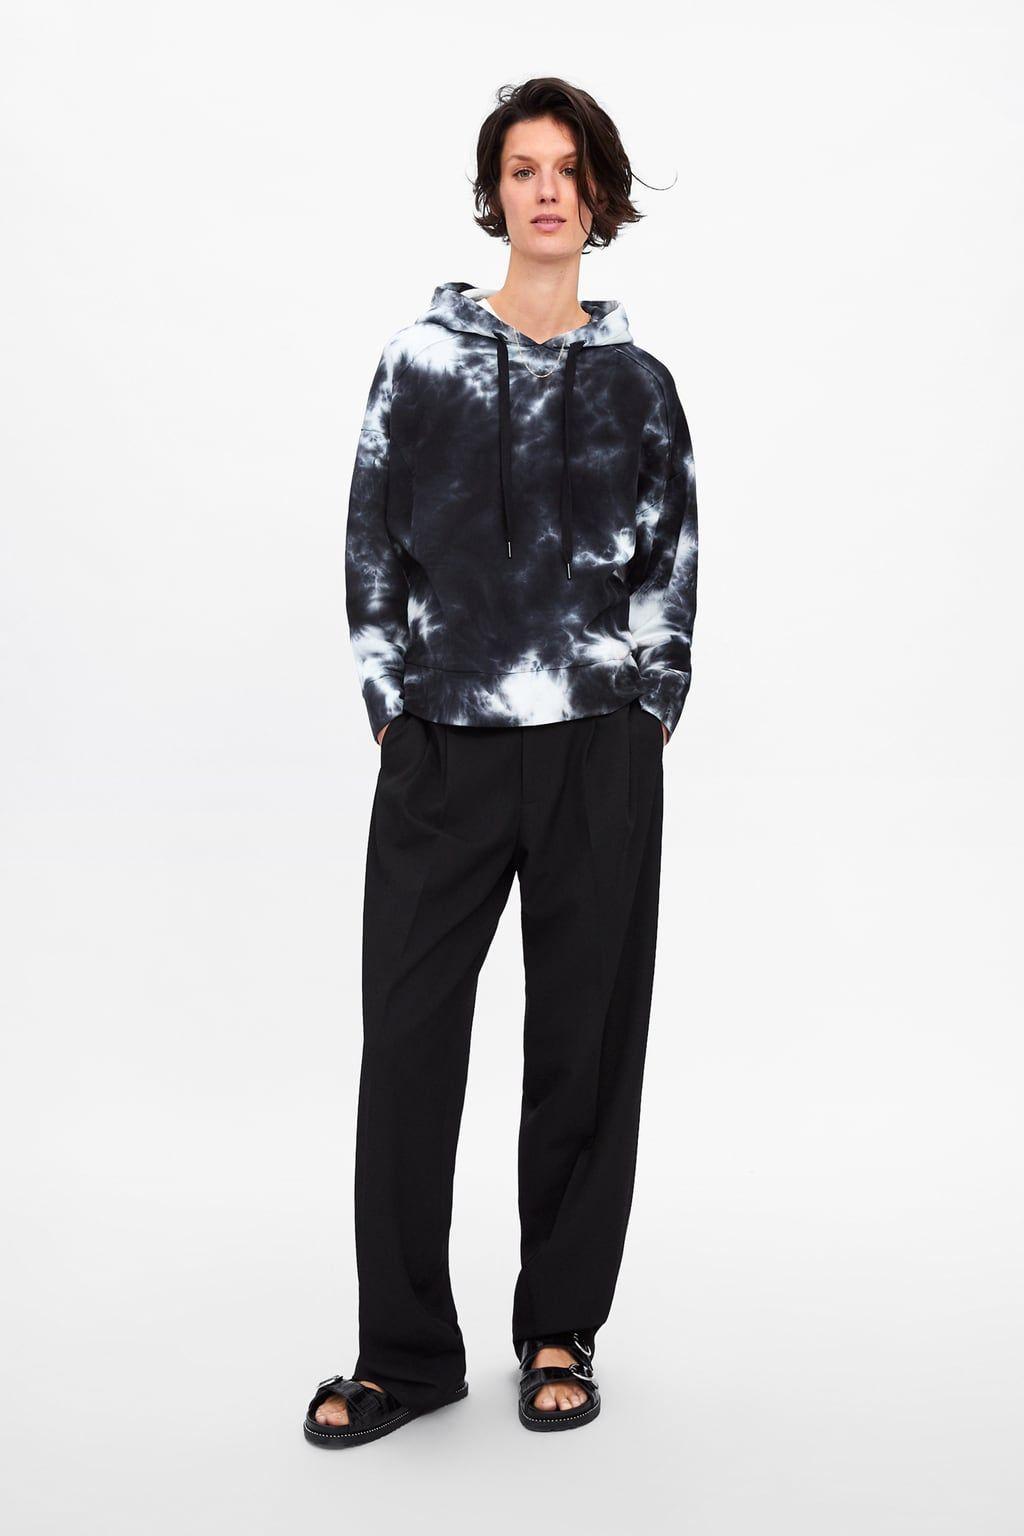 Sudadera Tie Dye Tie Dye Sweatshirt Sweatshirts Long Sleeve Hoodie [ 1536 x 1024 Pixel ]